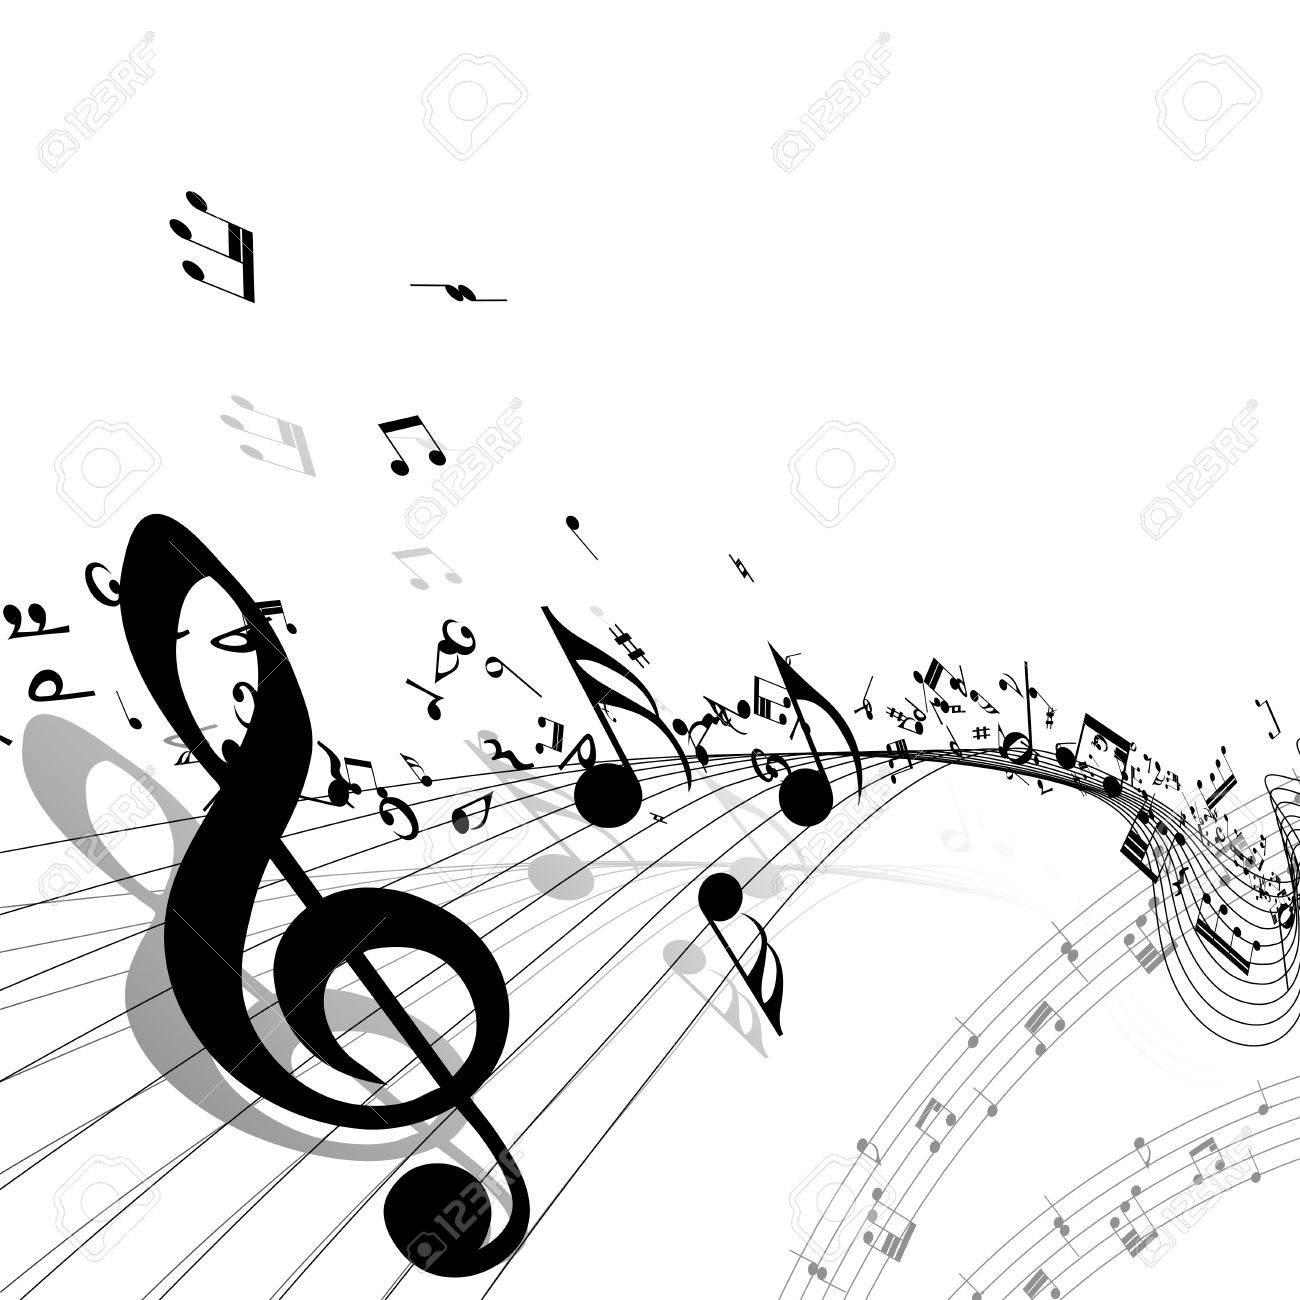 音楽的背景。透過でないベクトル イラスト。 ロイヤリティフリークリップ